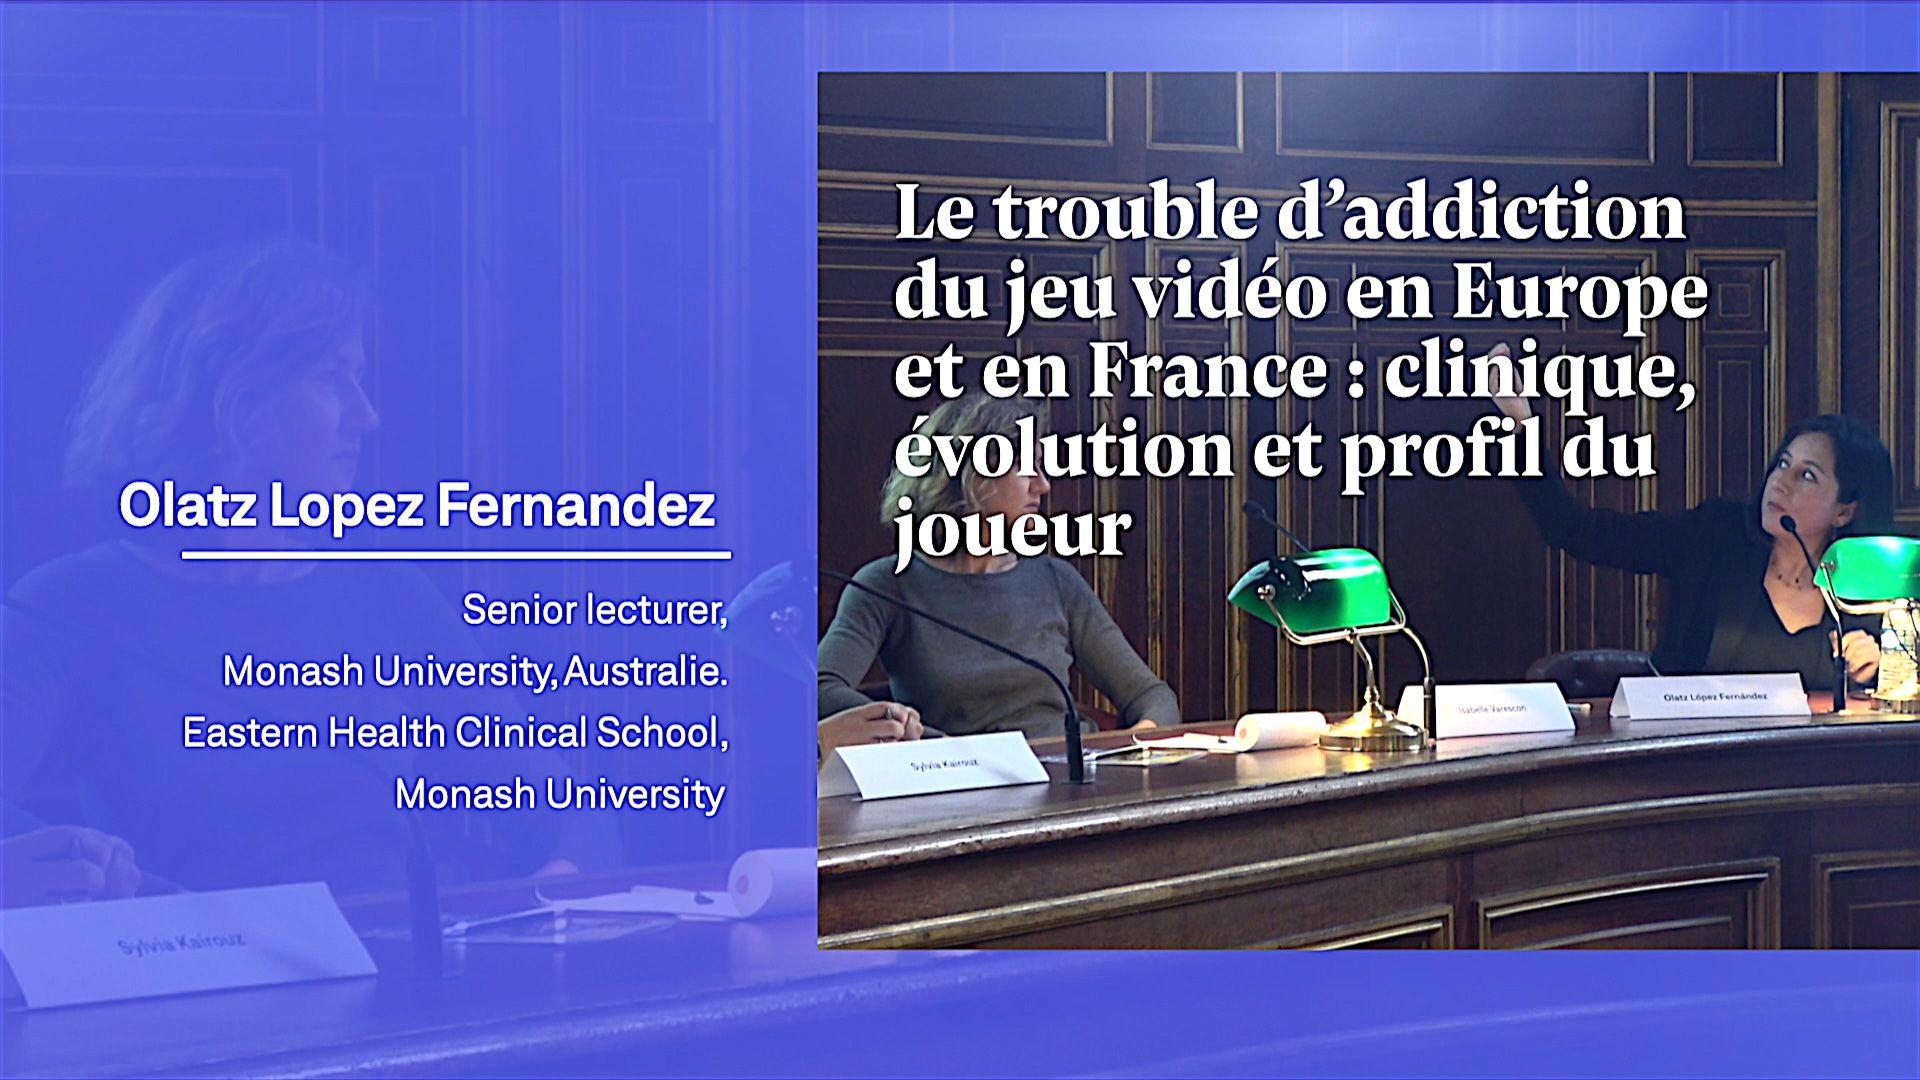 Le trouble d'addiction du jeu vidéo en Europe et en France : clinique, évolution et profil du joueur - Olatz Lopez Fernandez